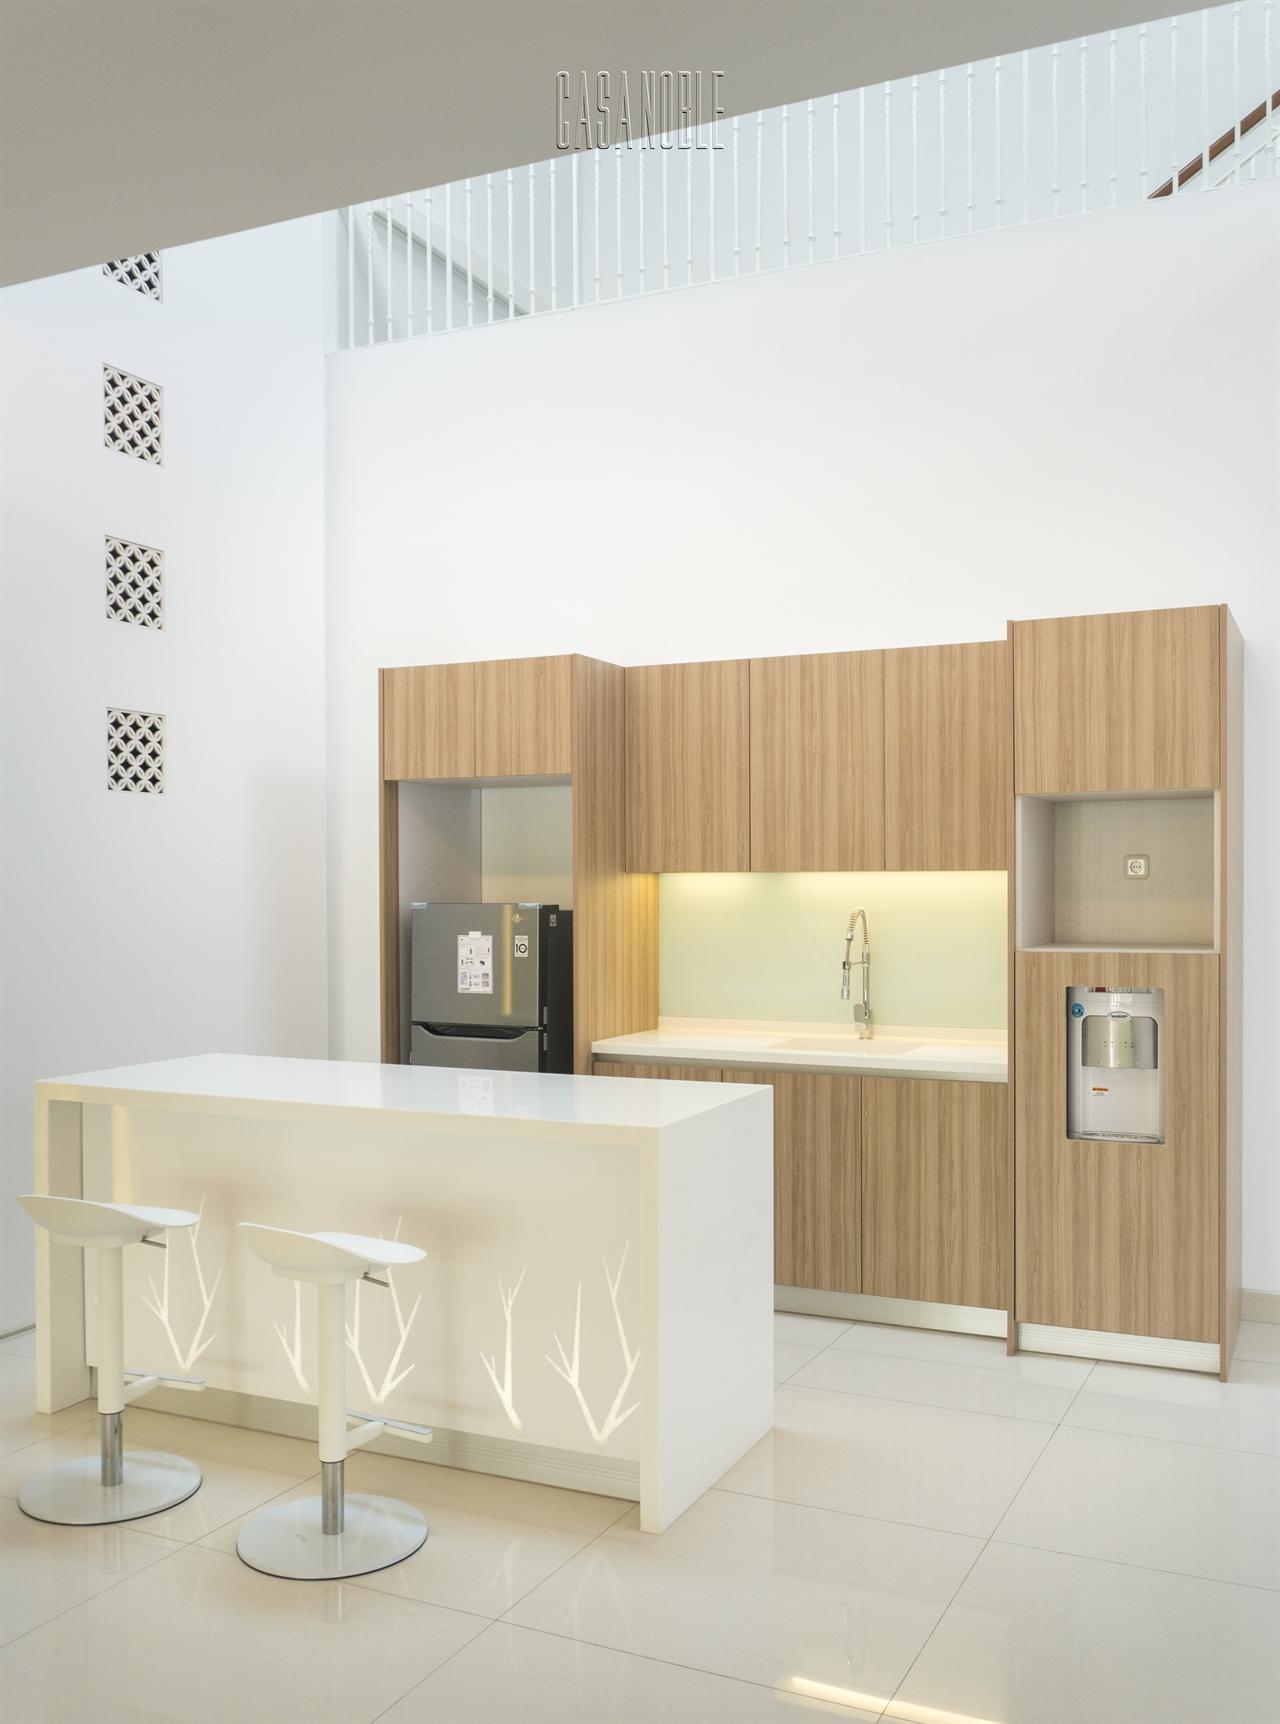 Kitchen Set HPL & Island Solid Surface Bu Ira